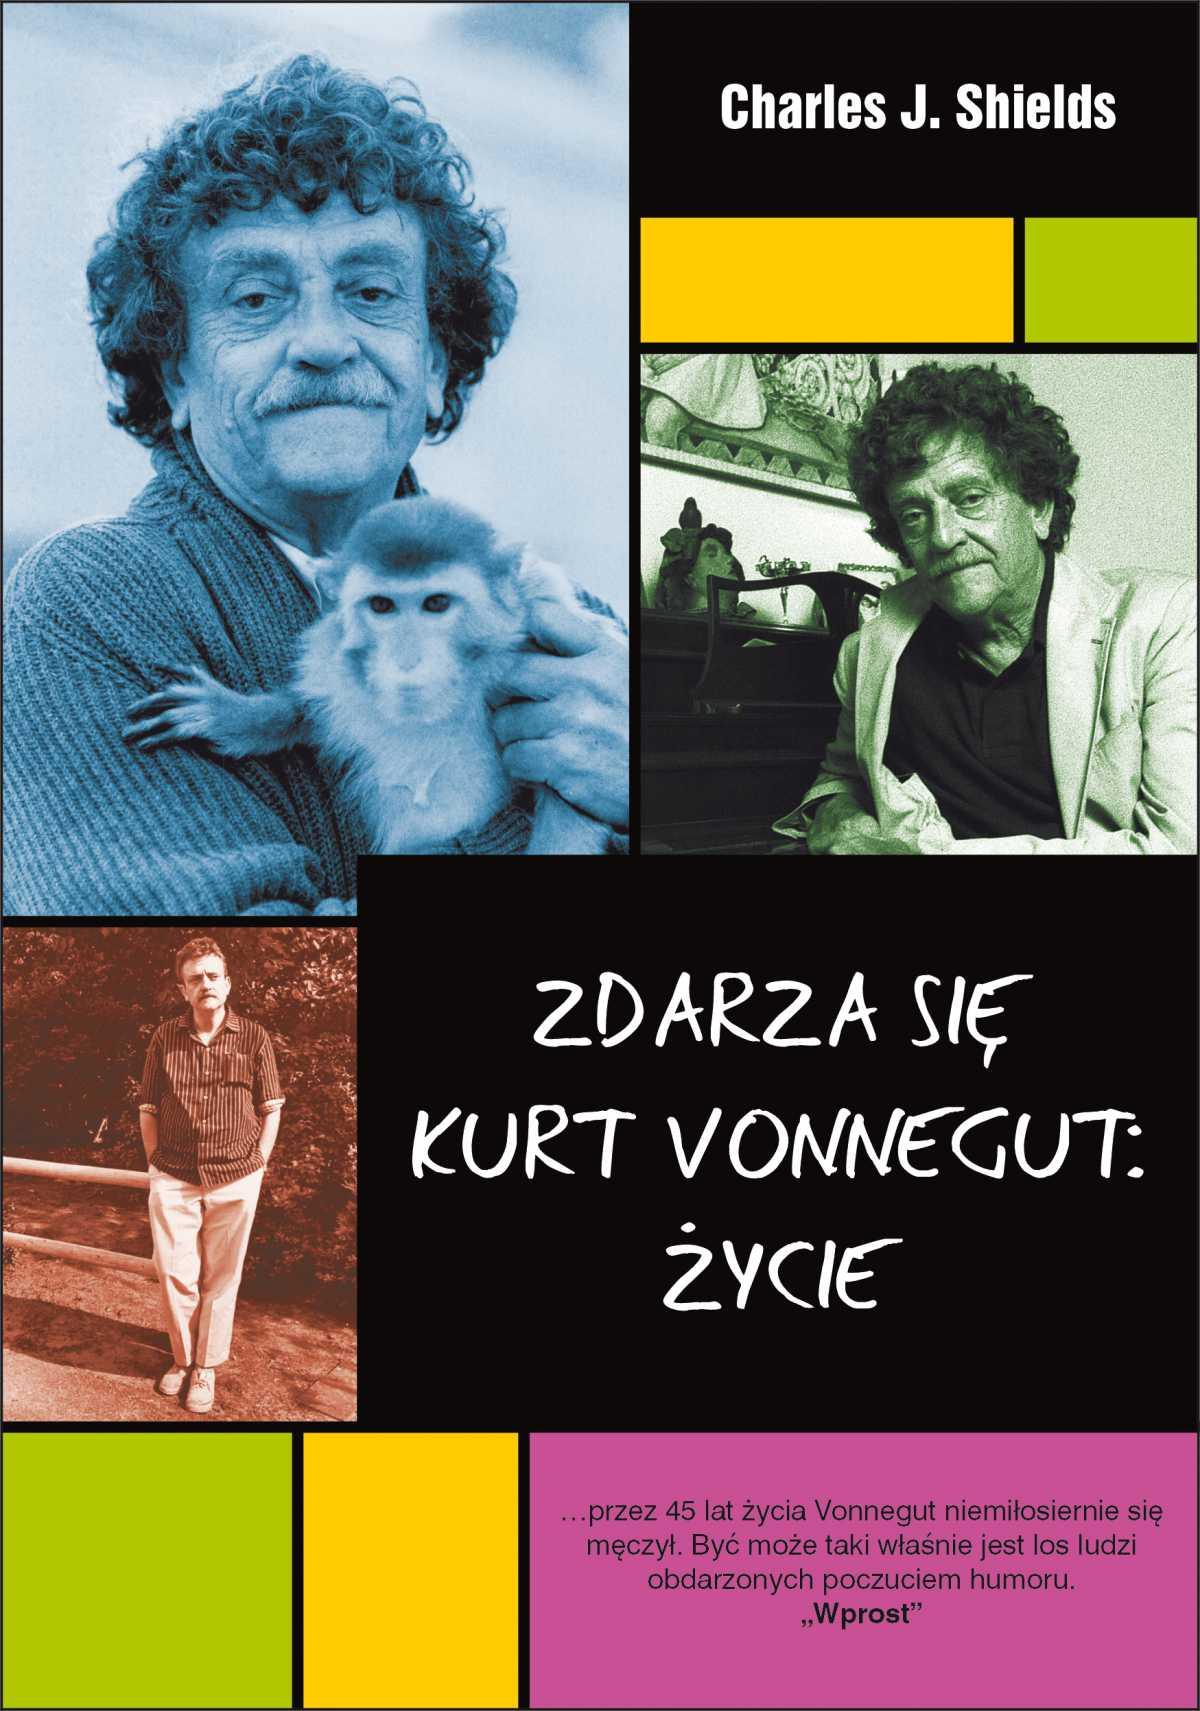 Zdarza się. Kurt Vonnegut: Życie - Ebook (Książka EPUB) do pobrania w formacie EPUB